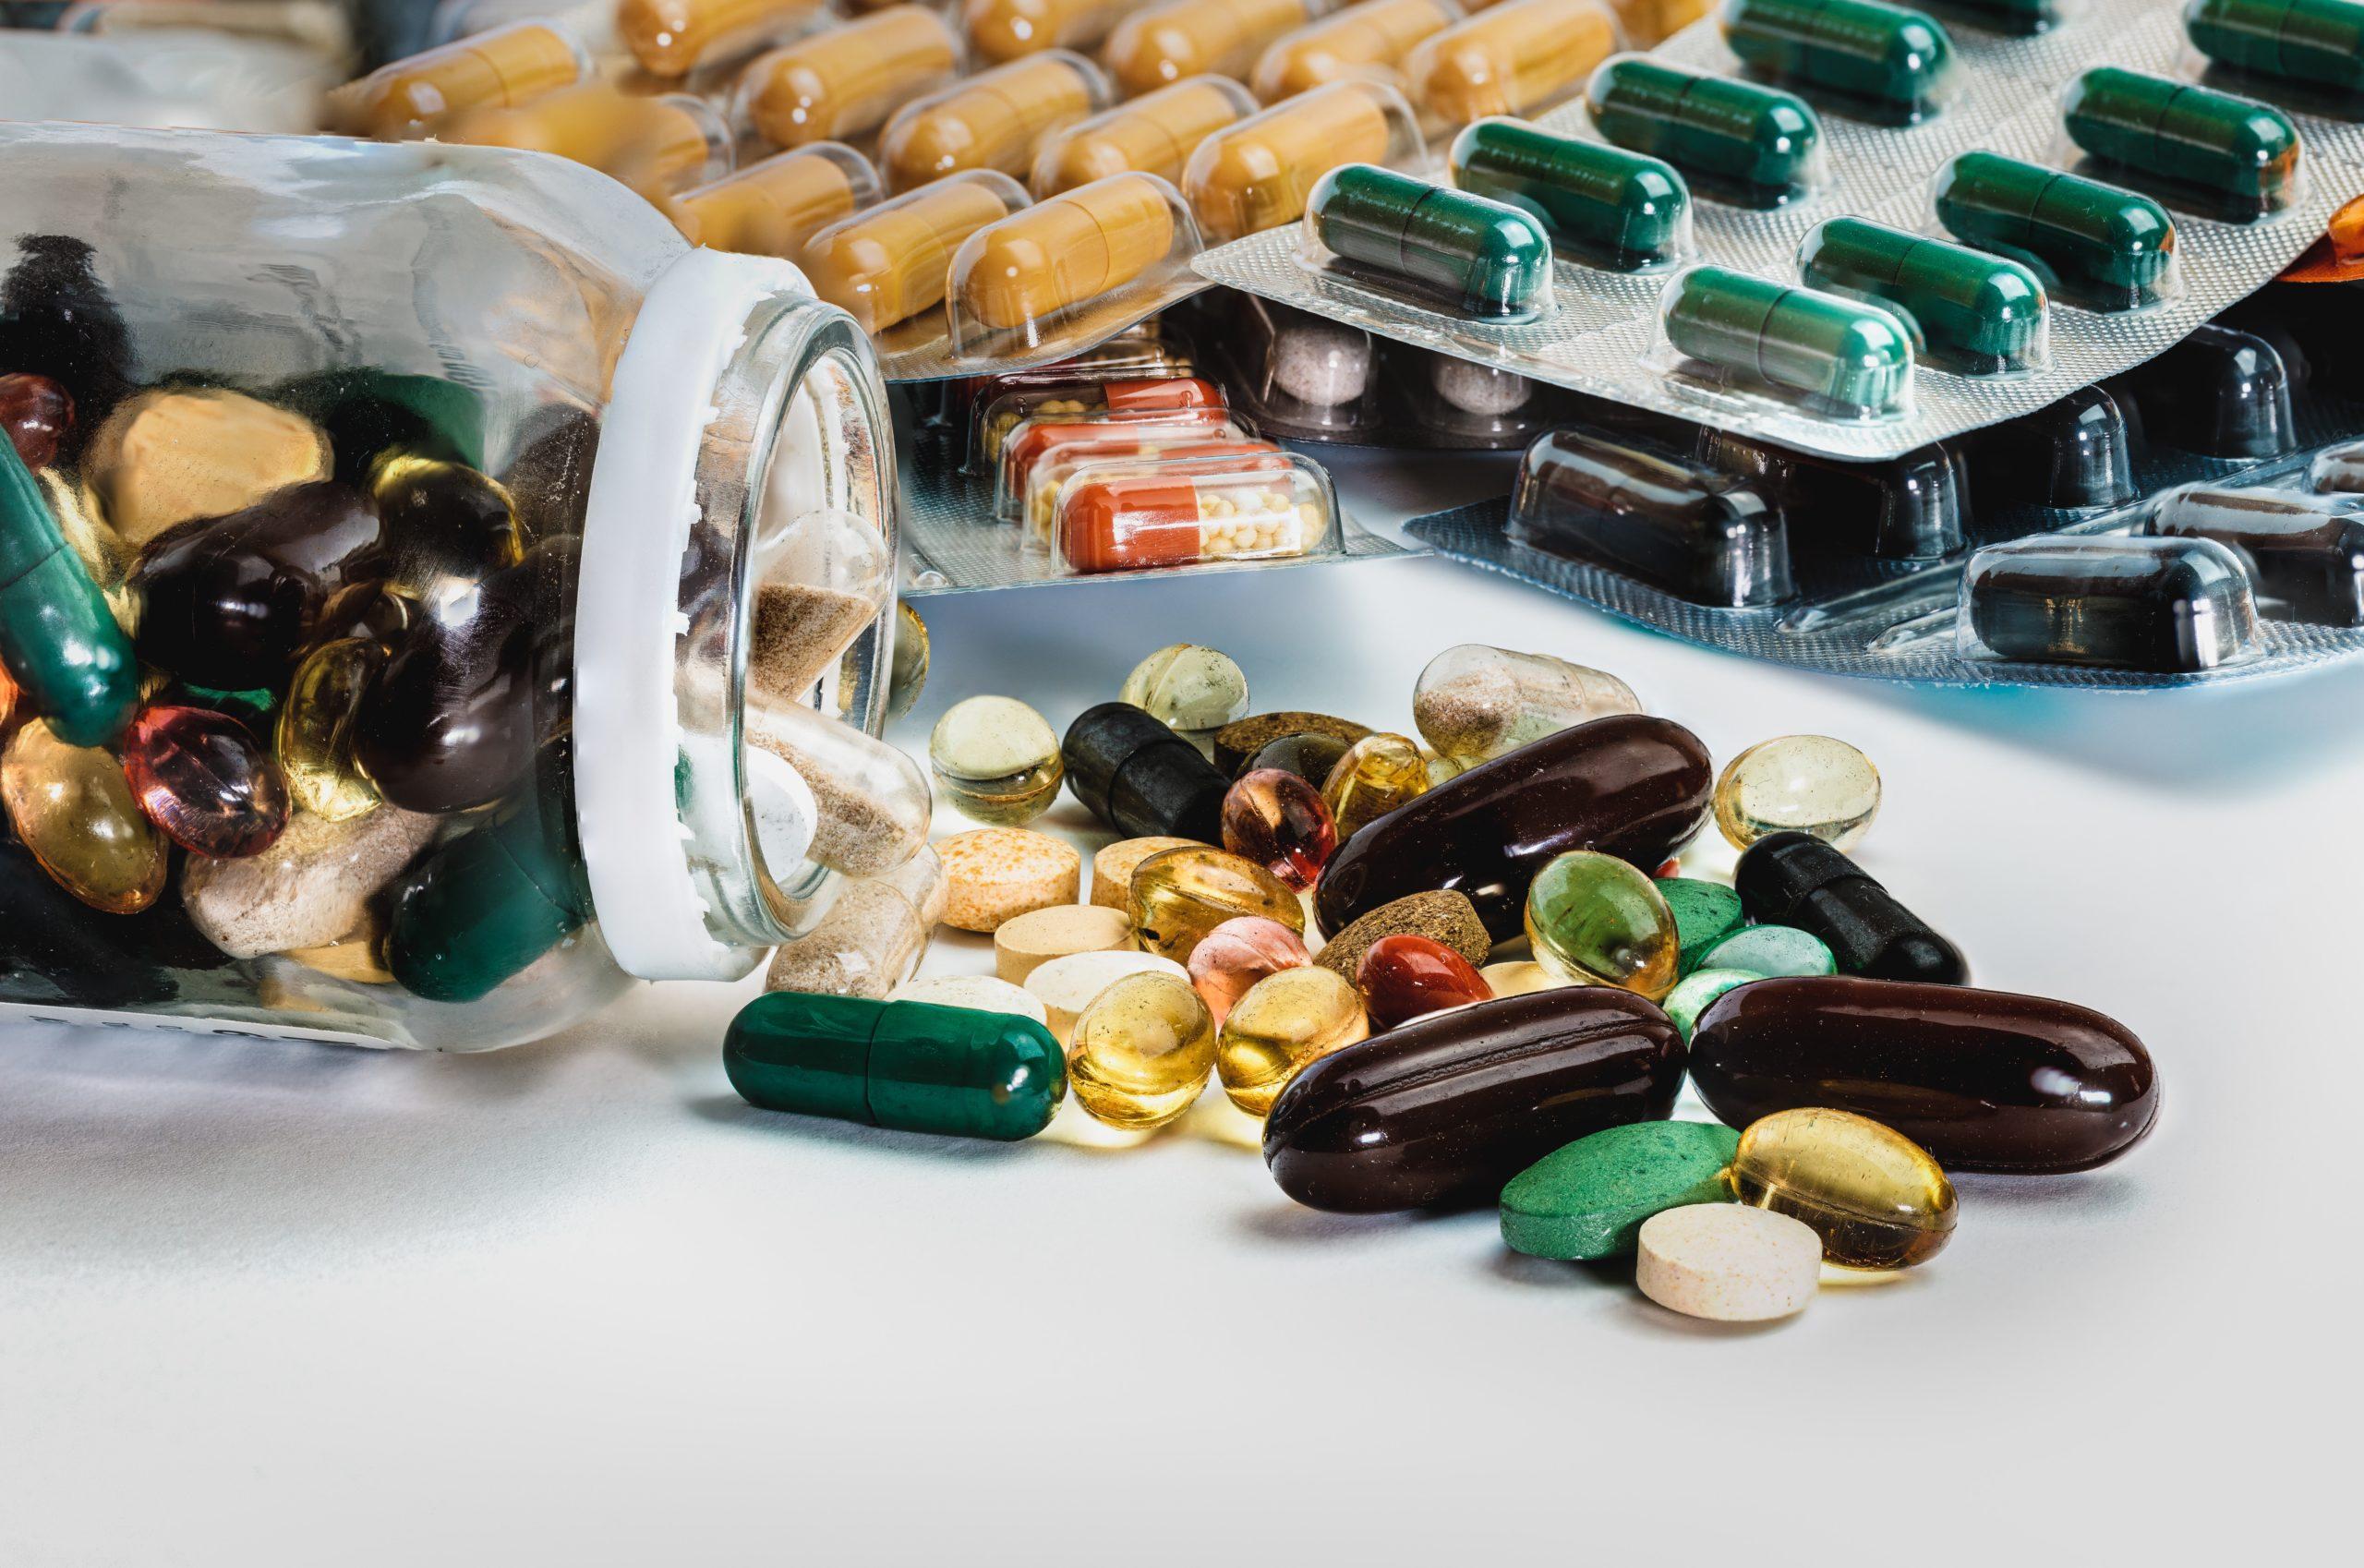 Medikamente Tabletten auf dem Tisch